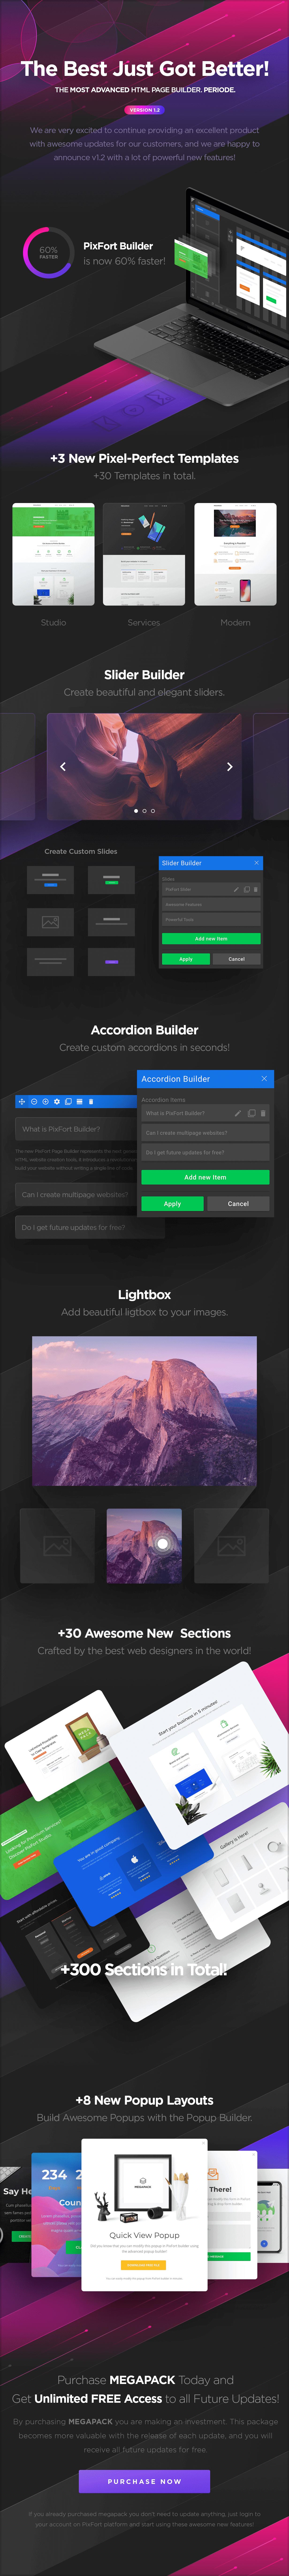 promo v 1 2 min - MEGAPACK – Marketing HTML Landing Pages Pack + PixFort Page Builder Access